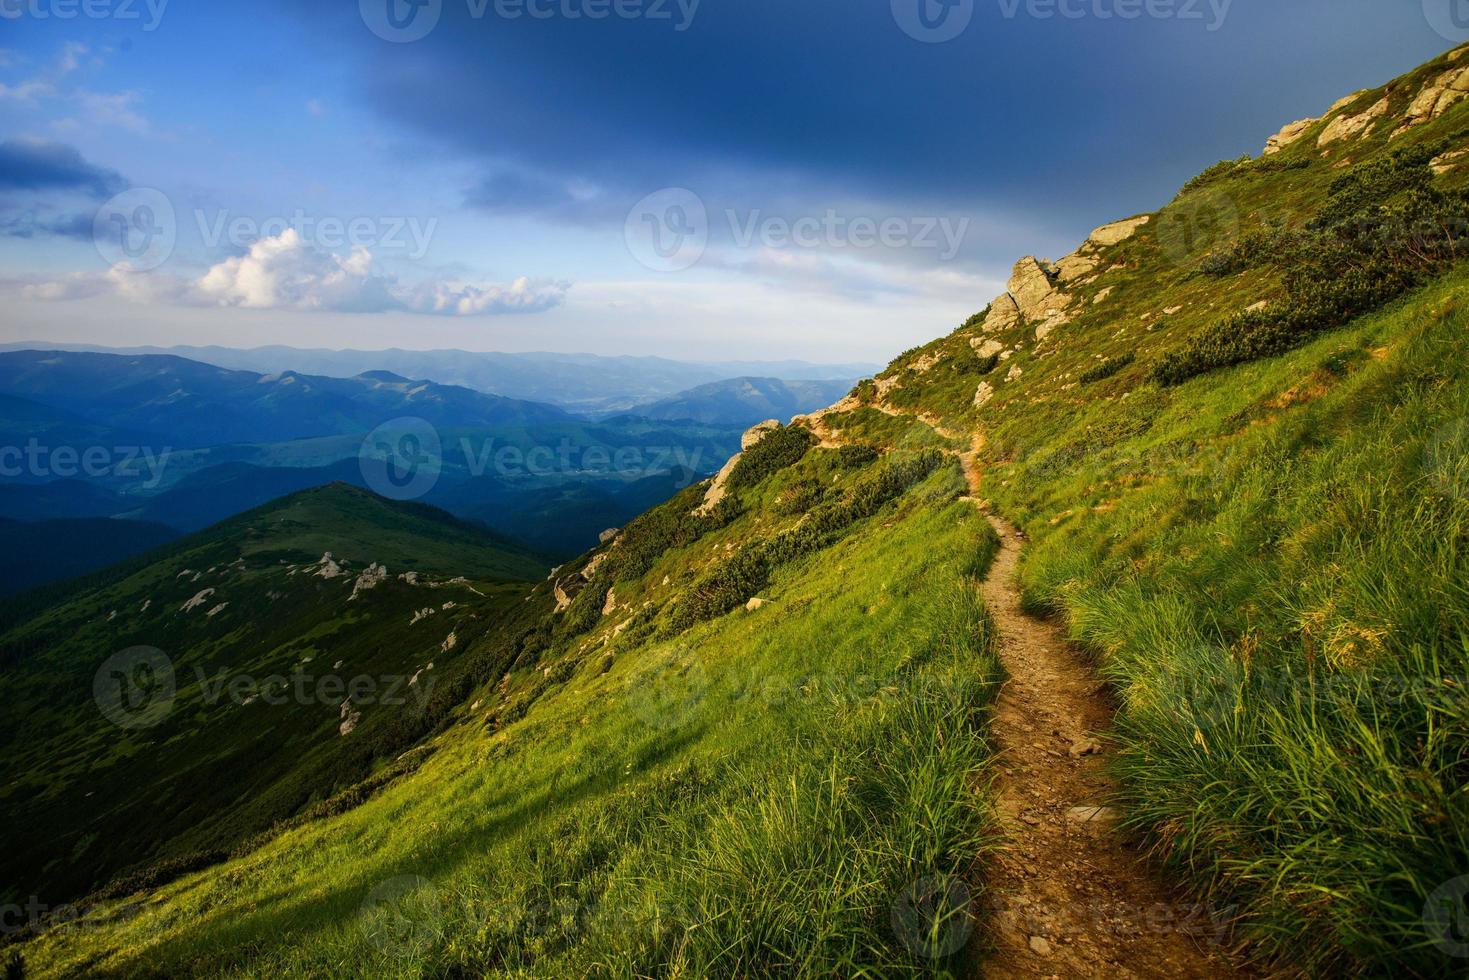 montagne en été photo